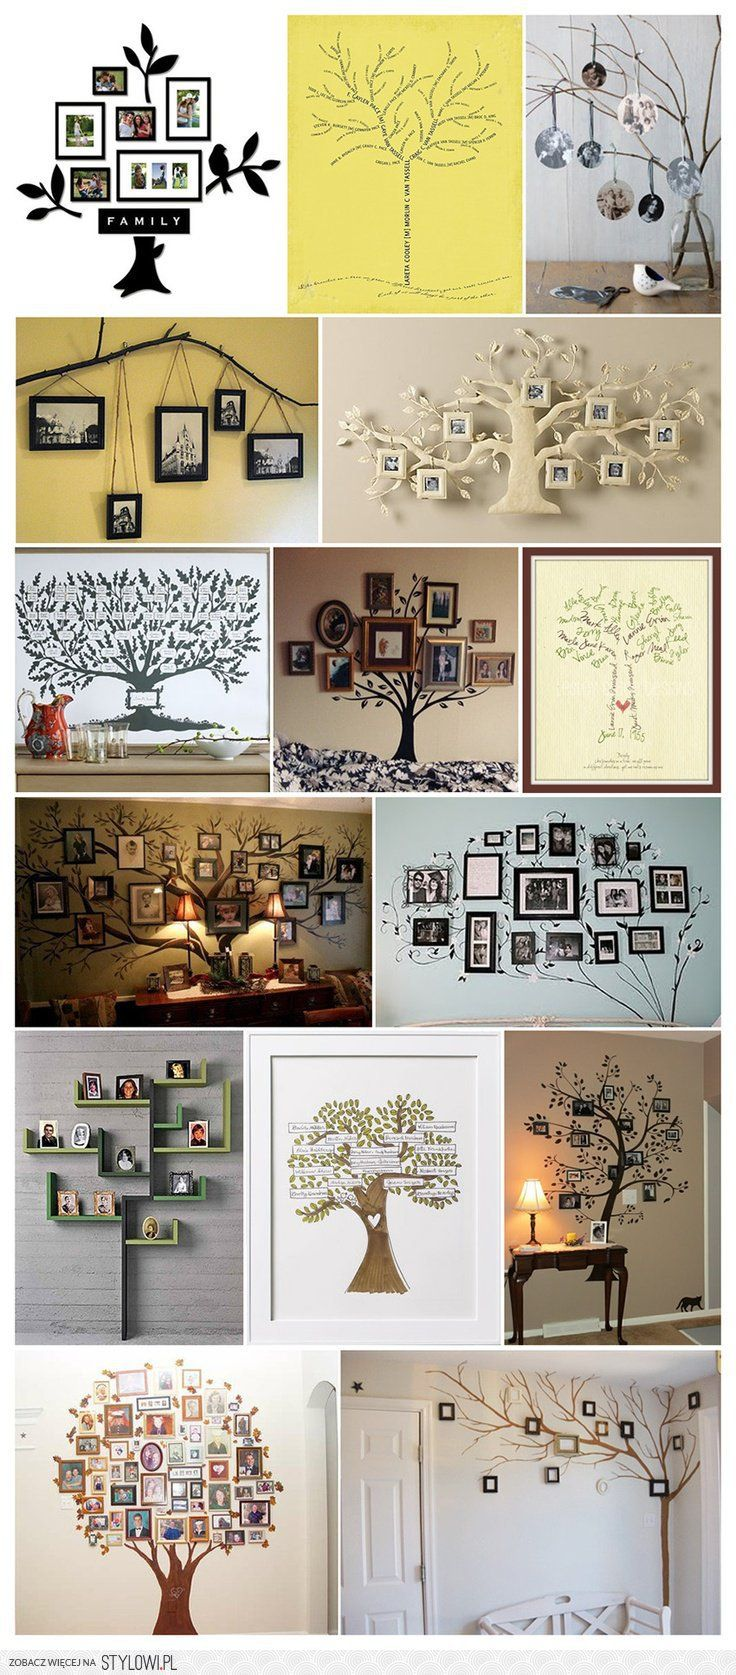 die besten 25 fotowand gestalten ideen auf pinterest ideen fotowand gestalten bilderwand. Black Bedroom Furniture Sets. Home Design Ideas